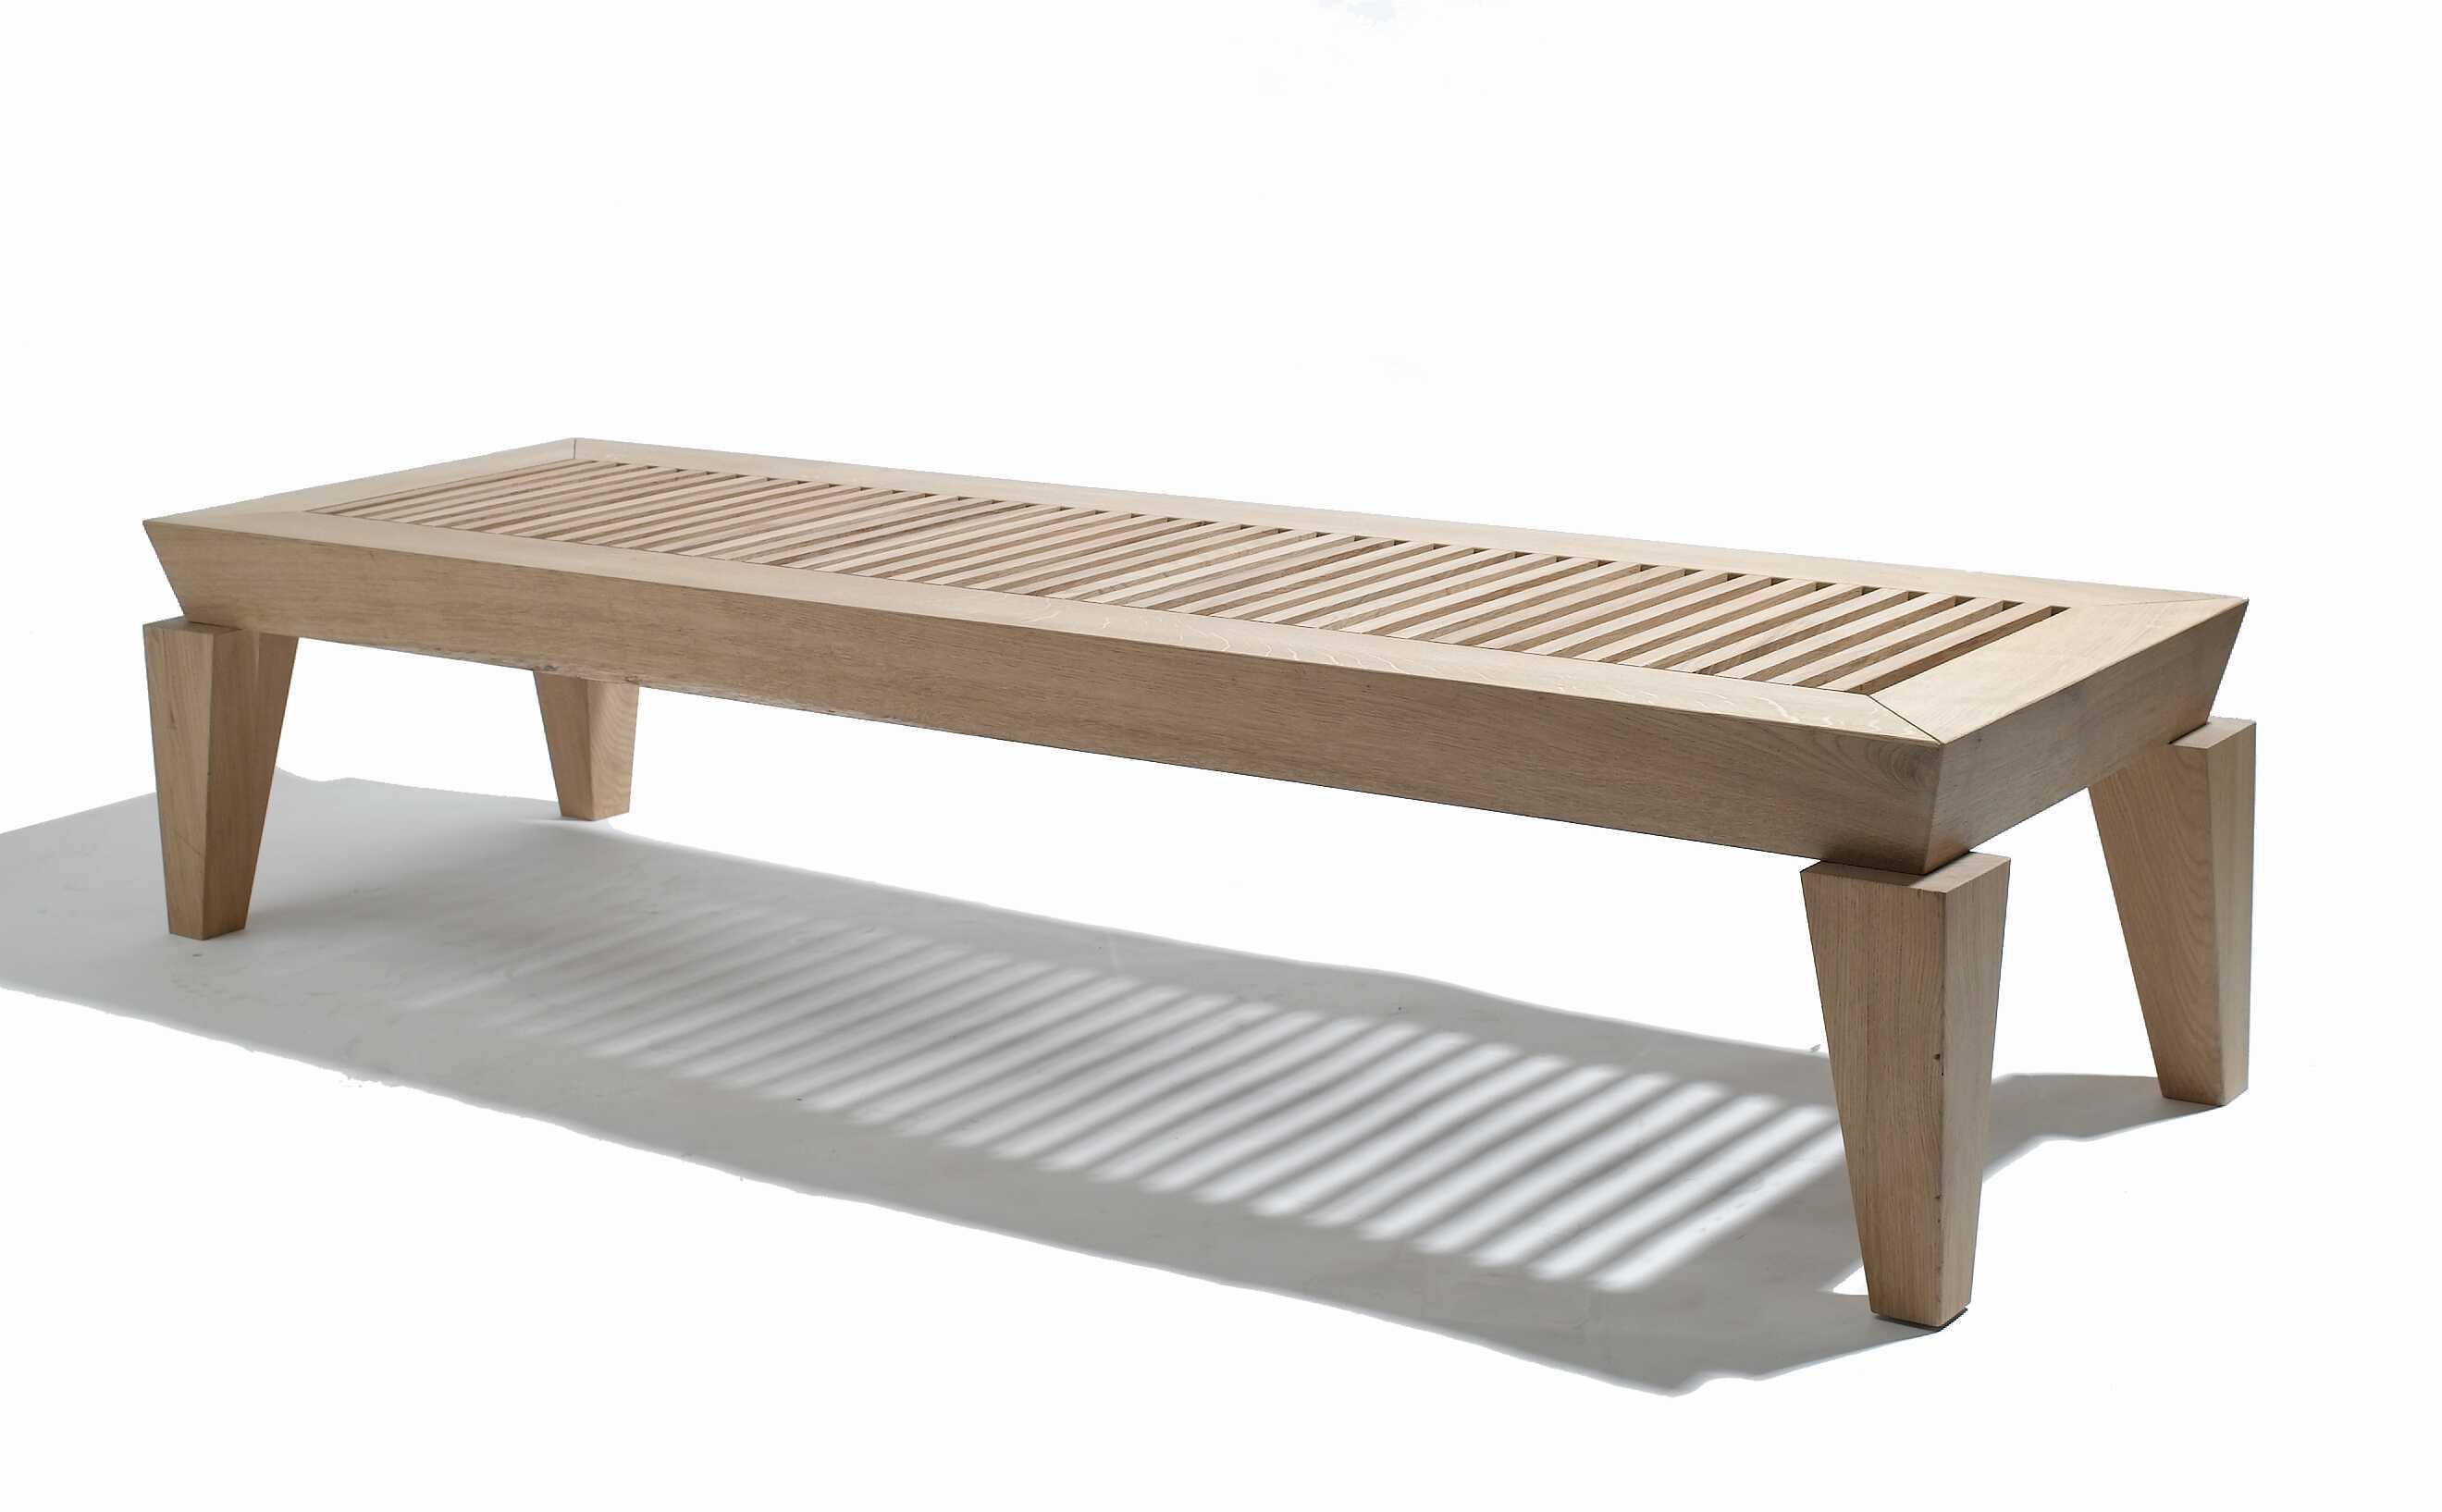 שולחנות סלון - שולחן לסלון דגם בוצ'ר